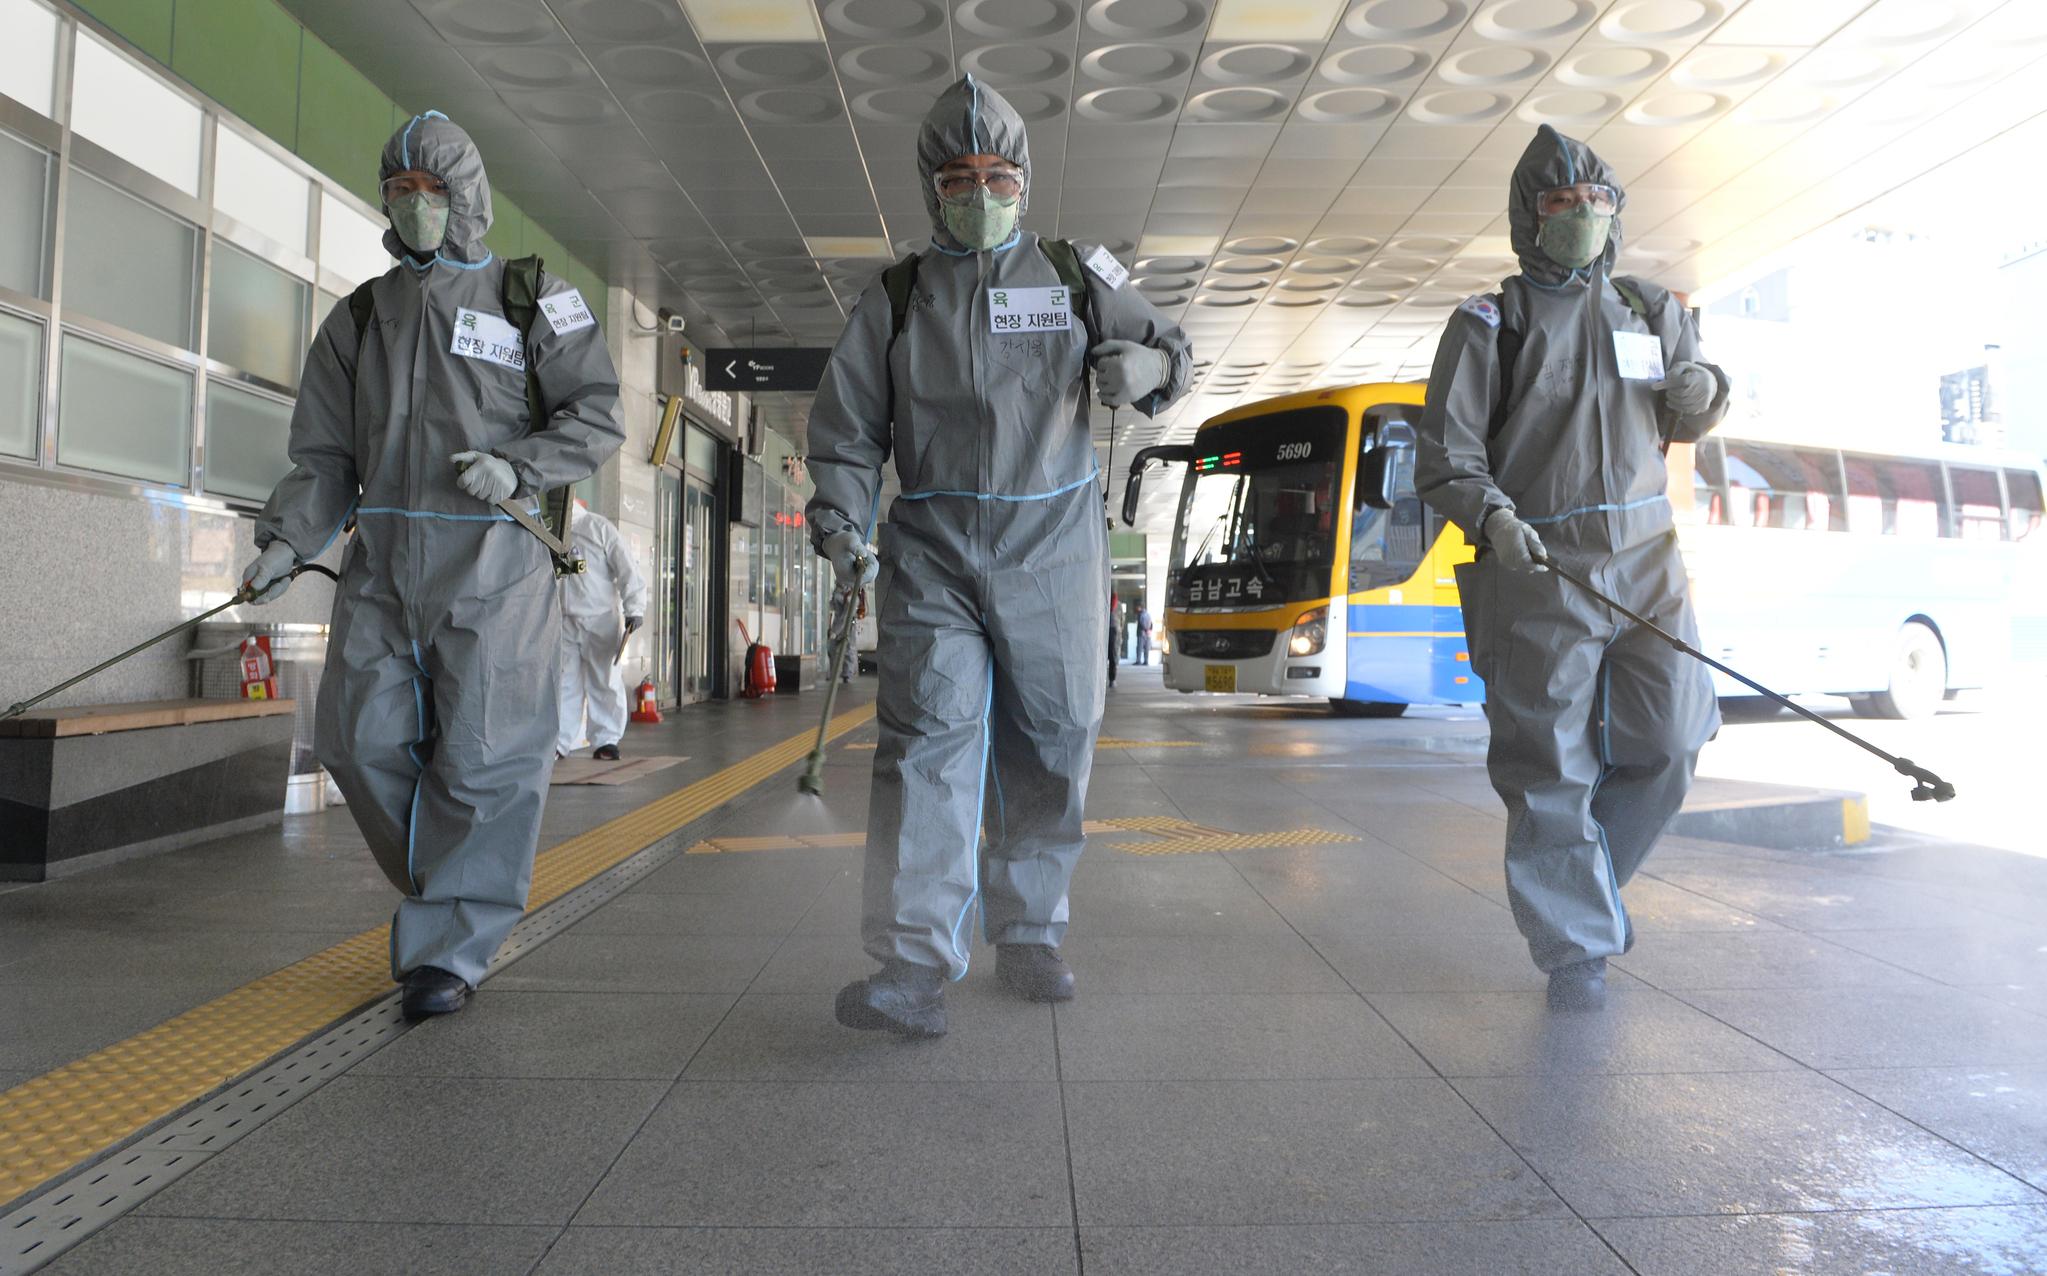 신종 코로나 바이러스 감염증(코로나19)이 전국적으로 확산되고 있는 가운데 6일 육군 제32보병사단 소속 코로나19 방역지원본부 장병들이 대전 복합터미널에서 방역작업을 실시하고 있다. 중앙포토